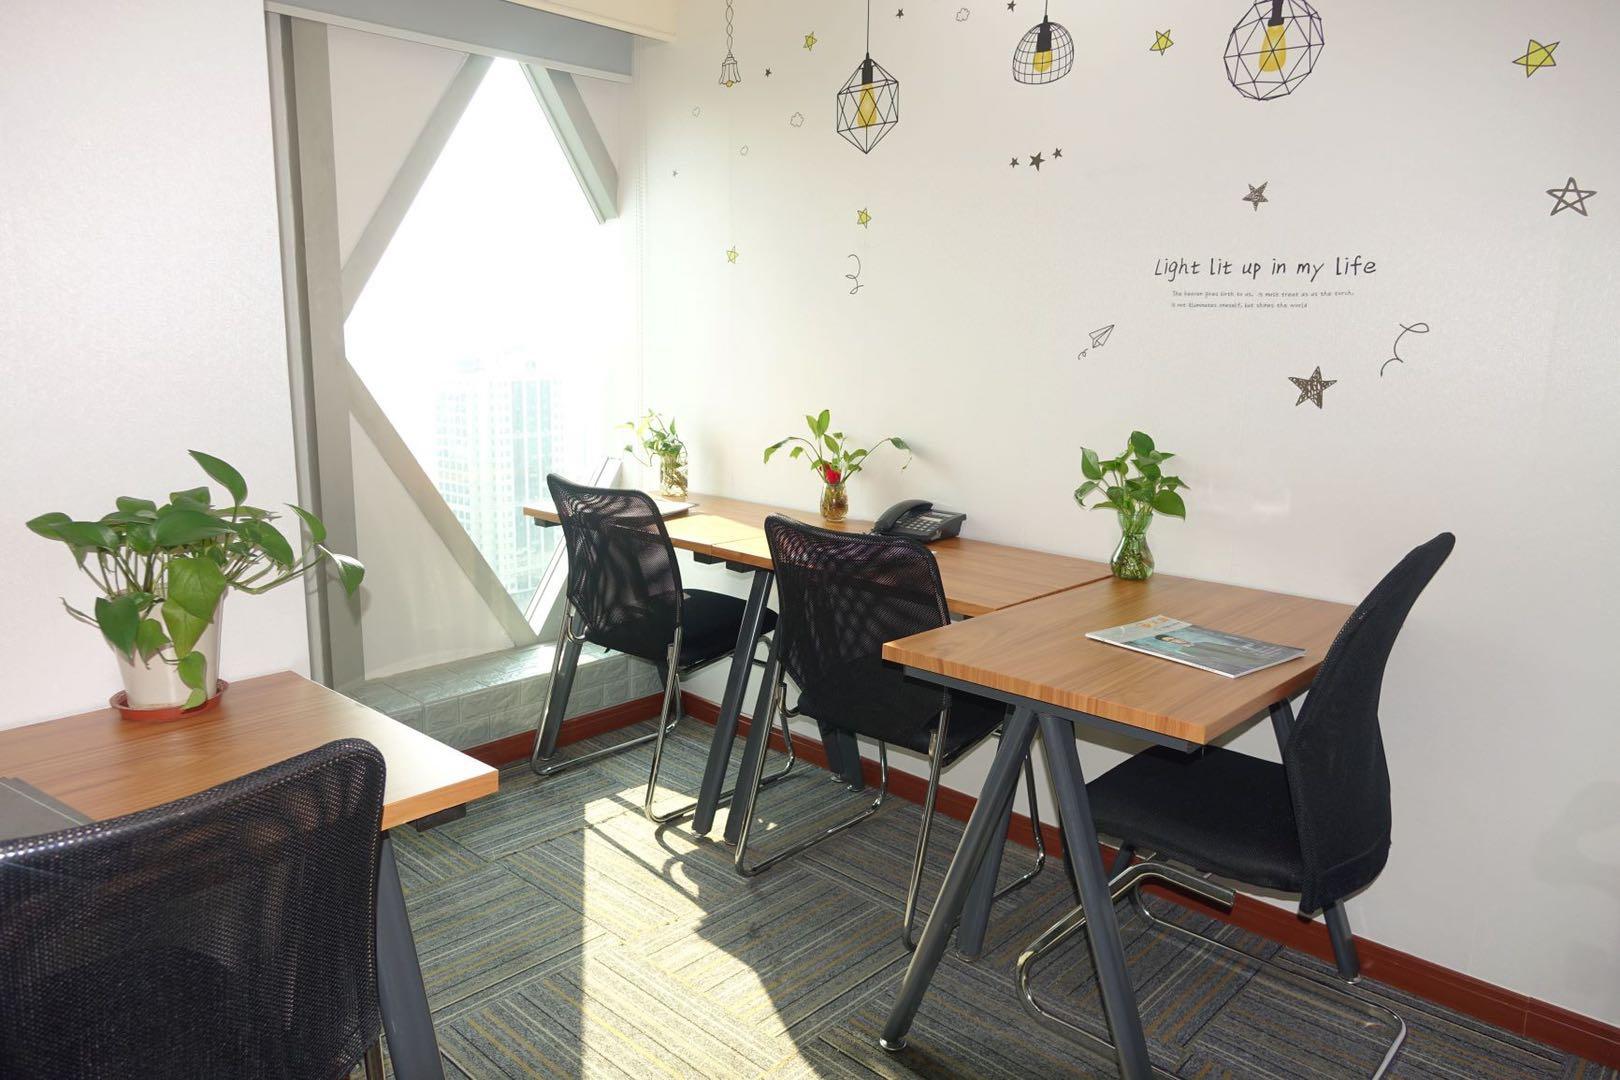 科技京城第一际企业孵化园出租3人间带窗户现房